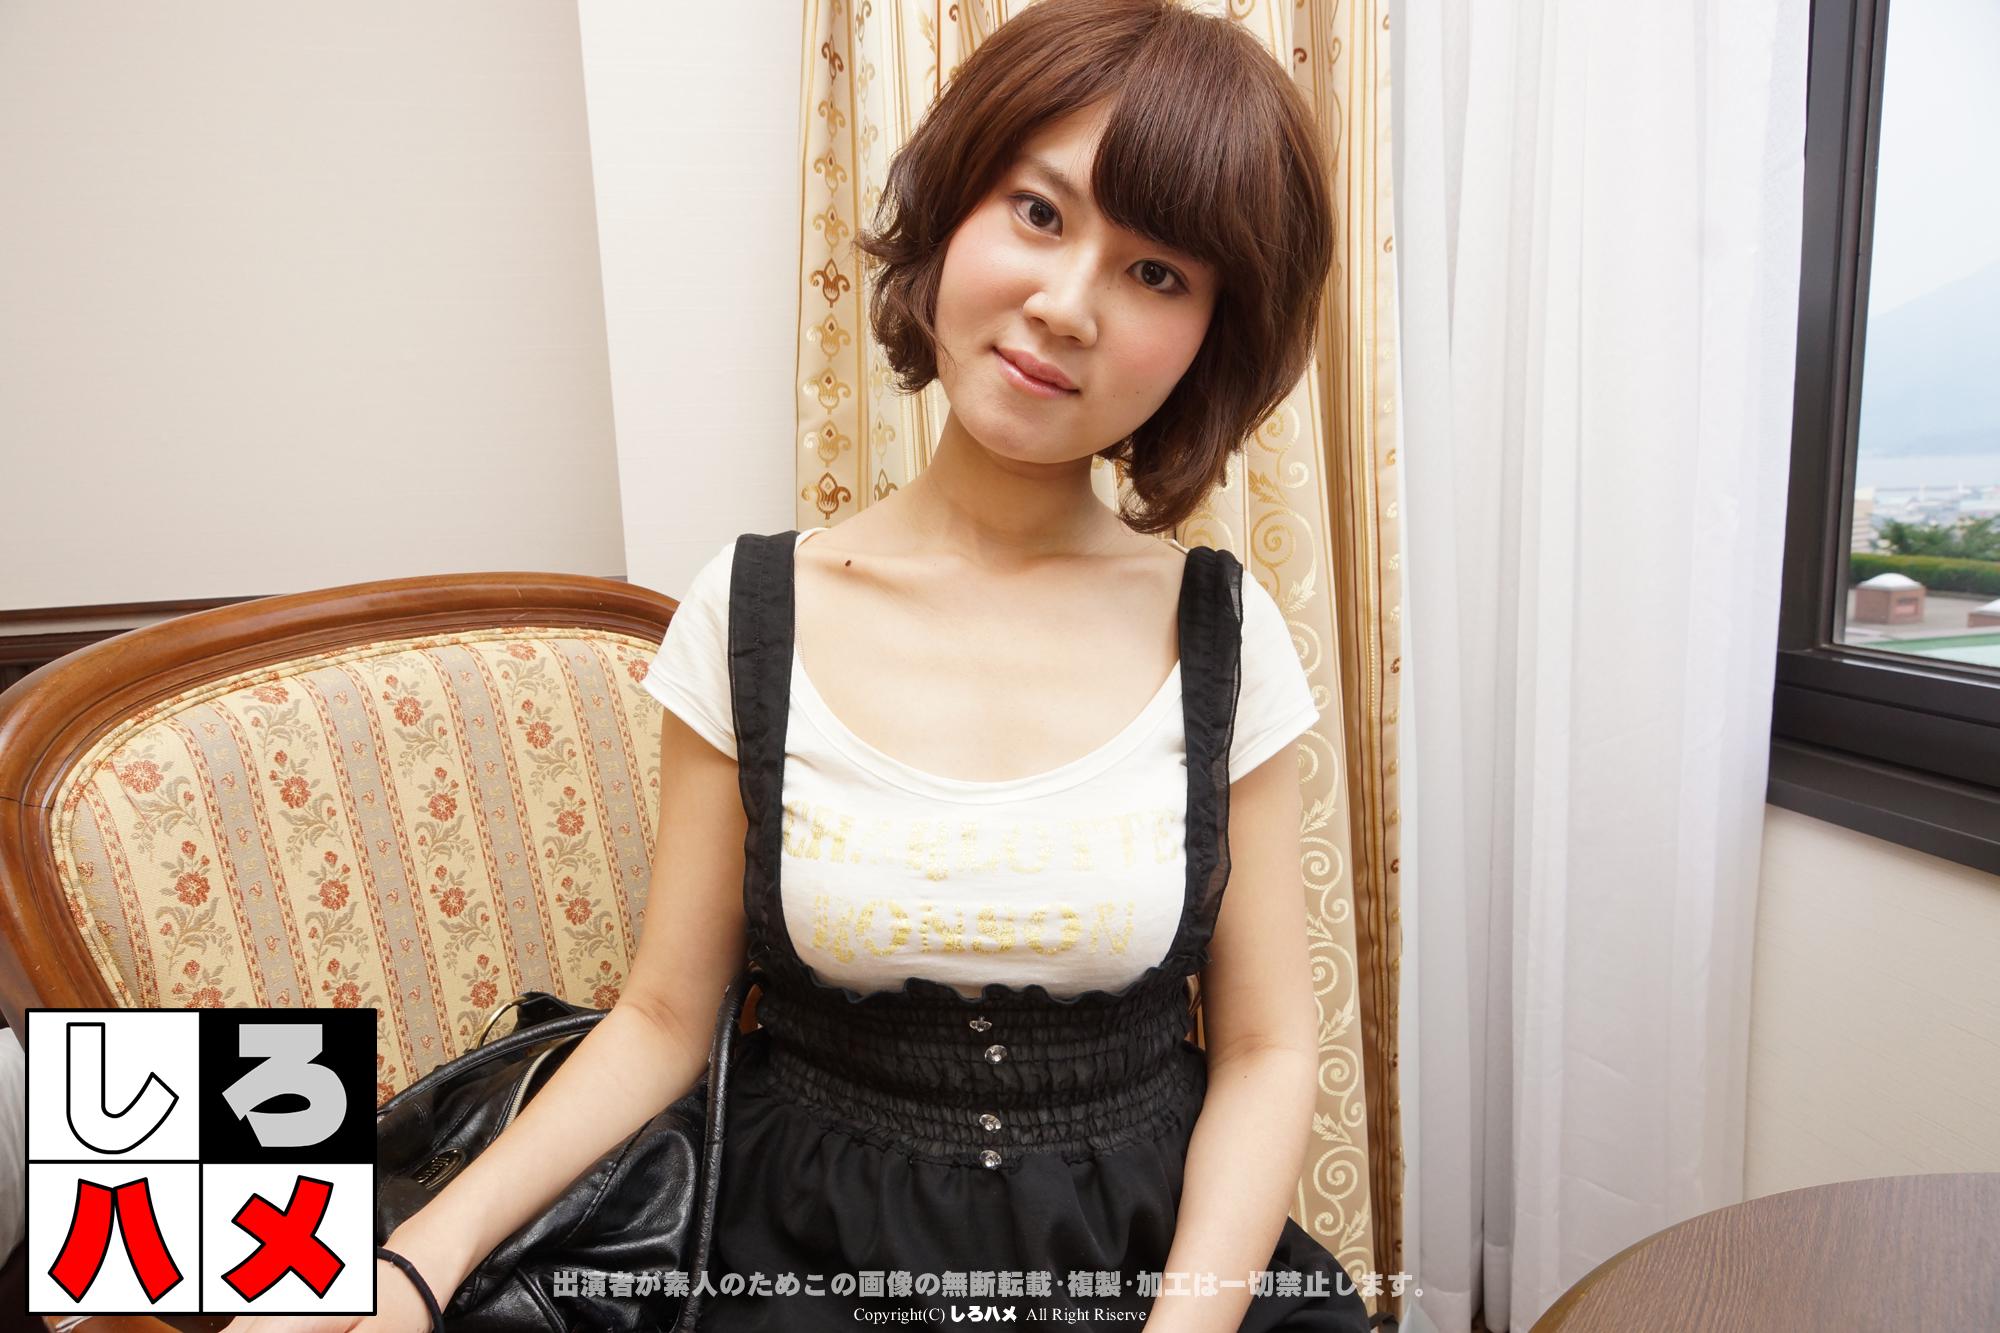 しろハメ初めての中出し 《【面接】Naked2のラスト・トリを飾るのは美人・中国人留学生!